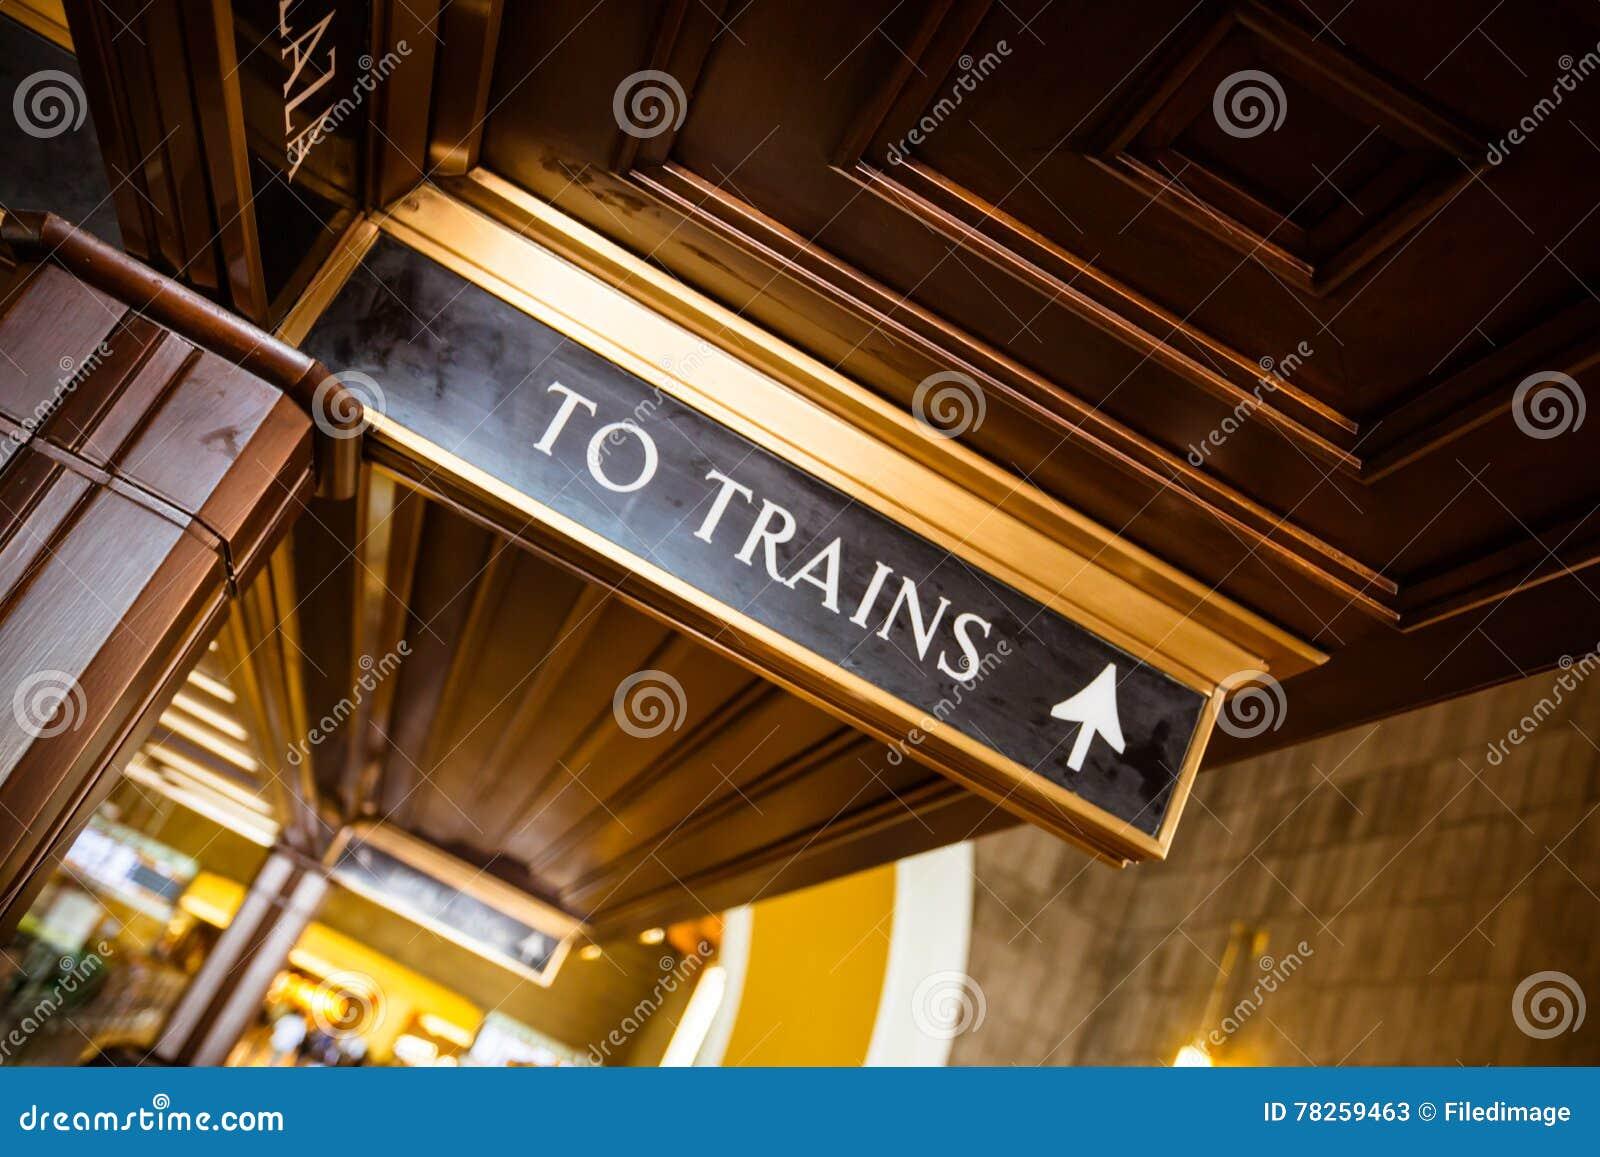 Σύστημα σηματοδότησης σταθμών ένωσης του Λος Άντζελες